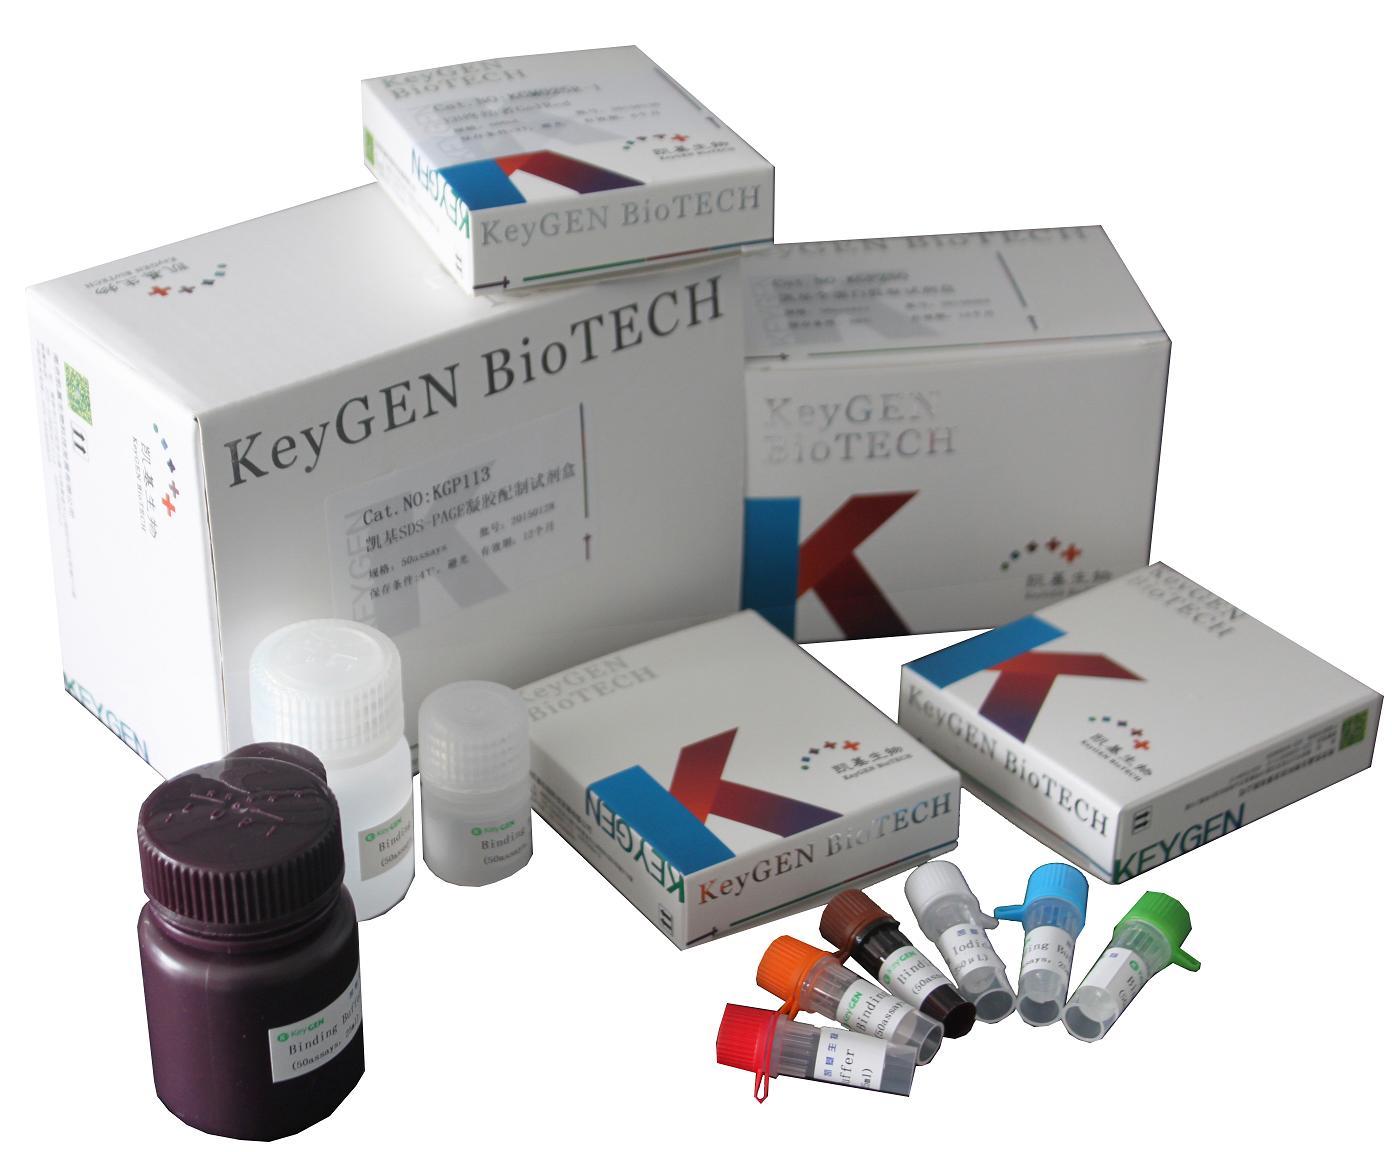 血液基因组DNA小提试剂盒